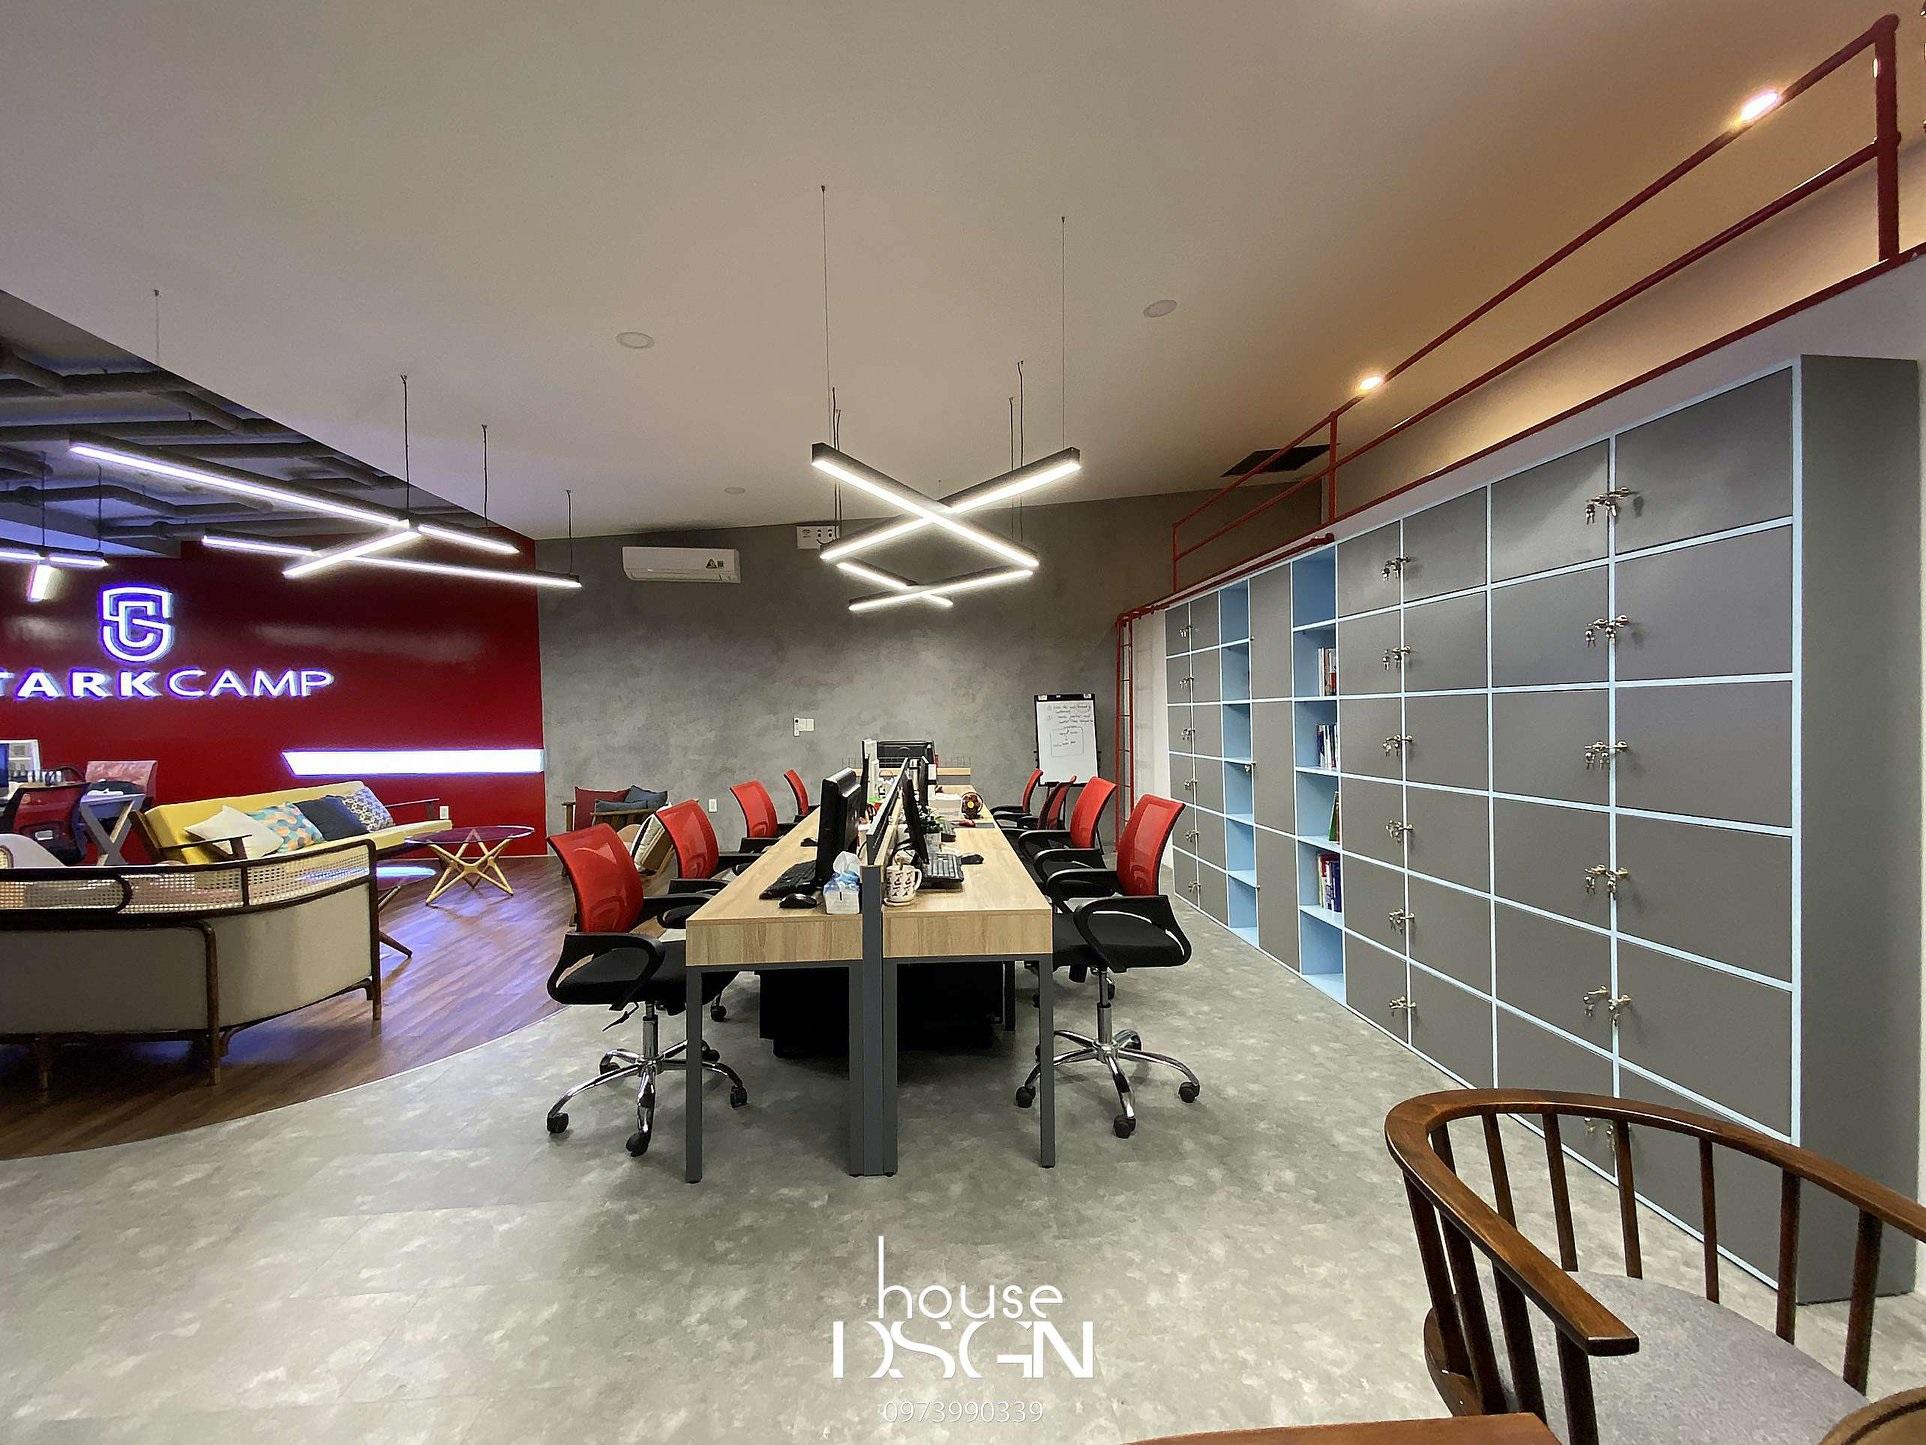 chiều cao bàn làm việc - Housedesign